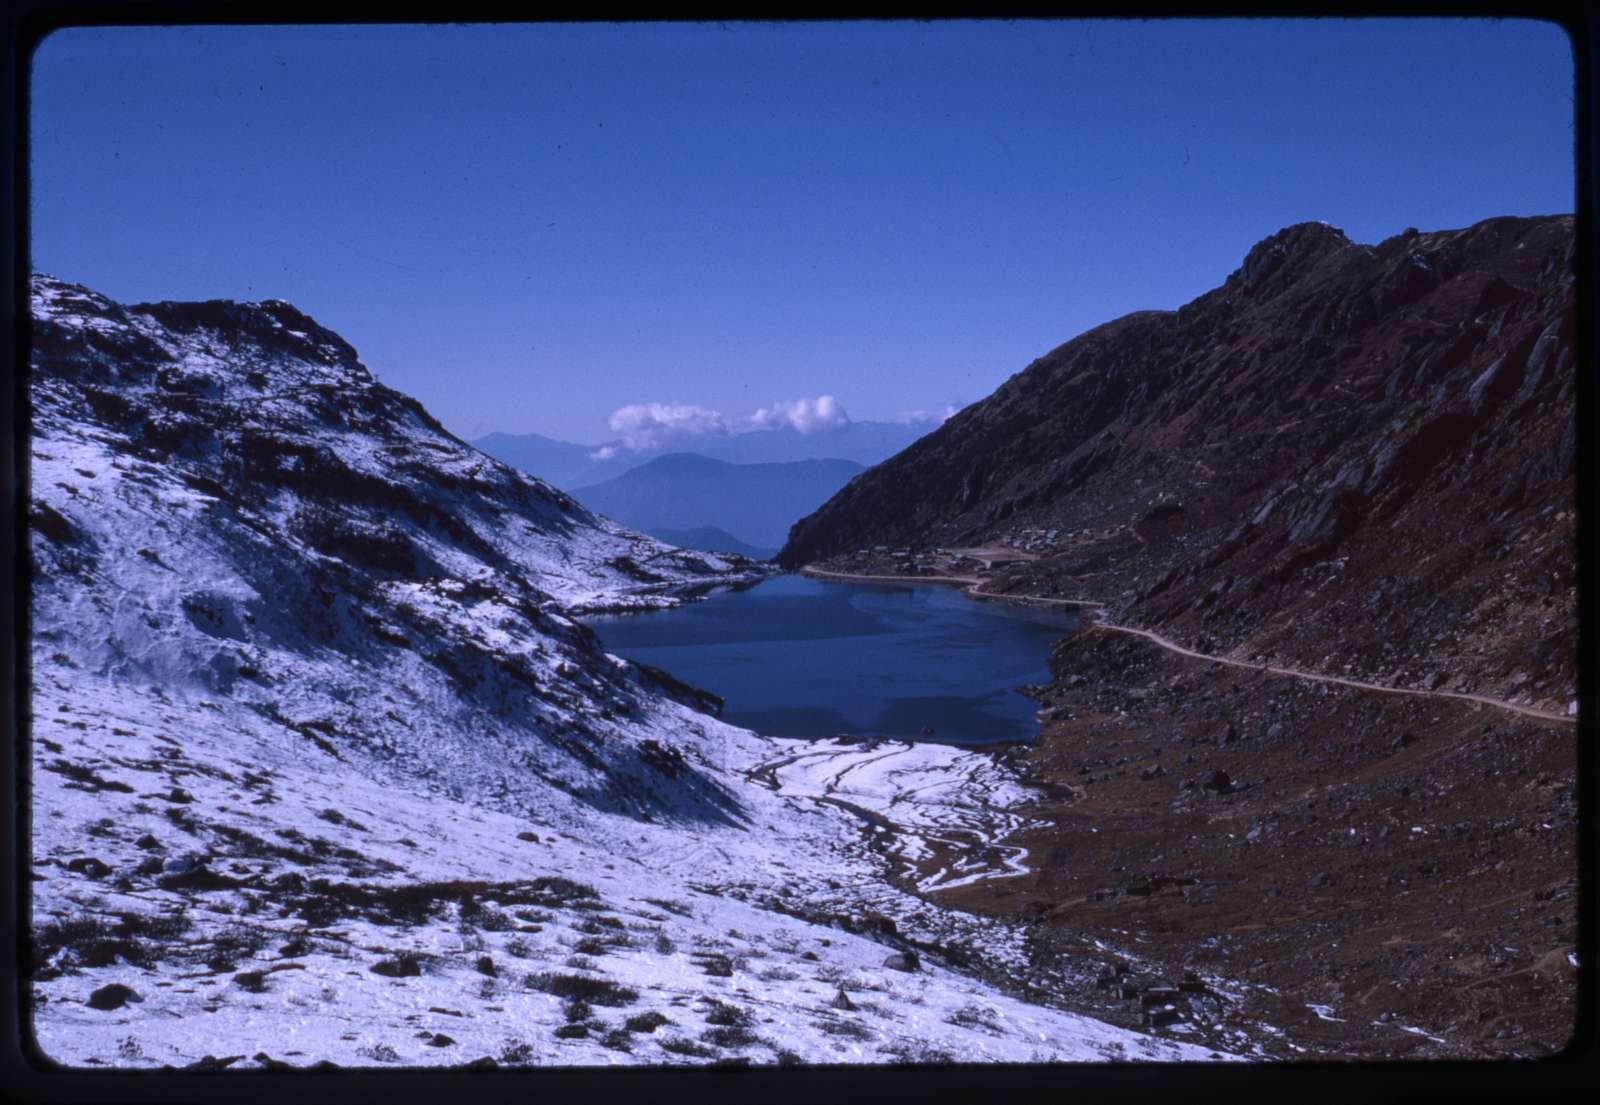 [Tsongmo Lake, along the Nathu La pass, Sikkim]